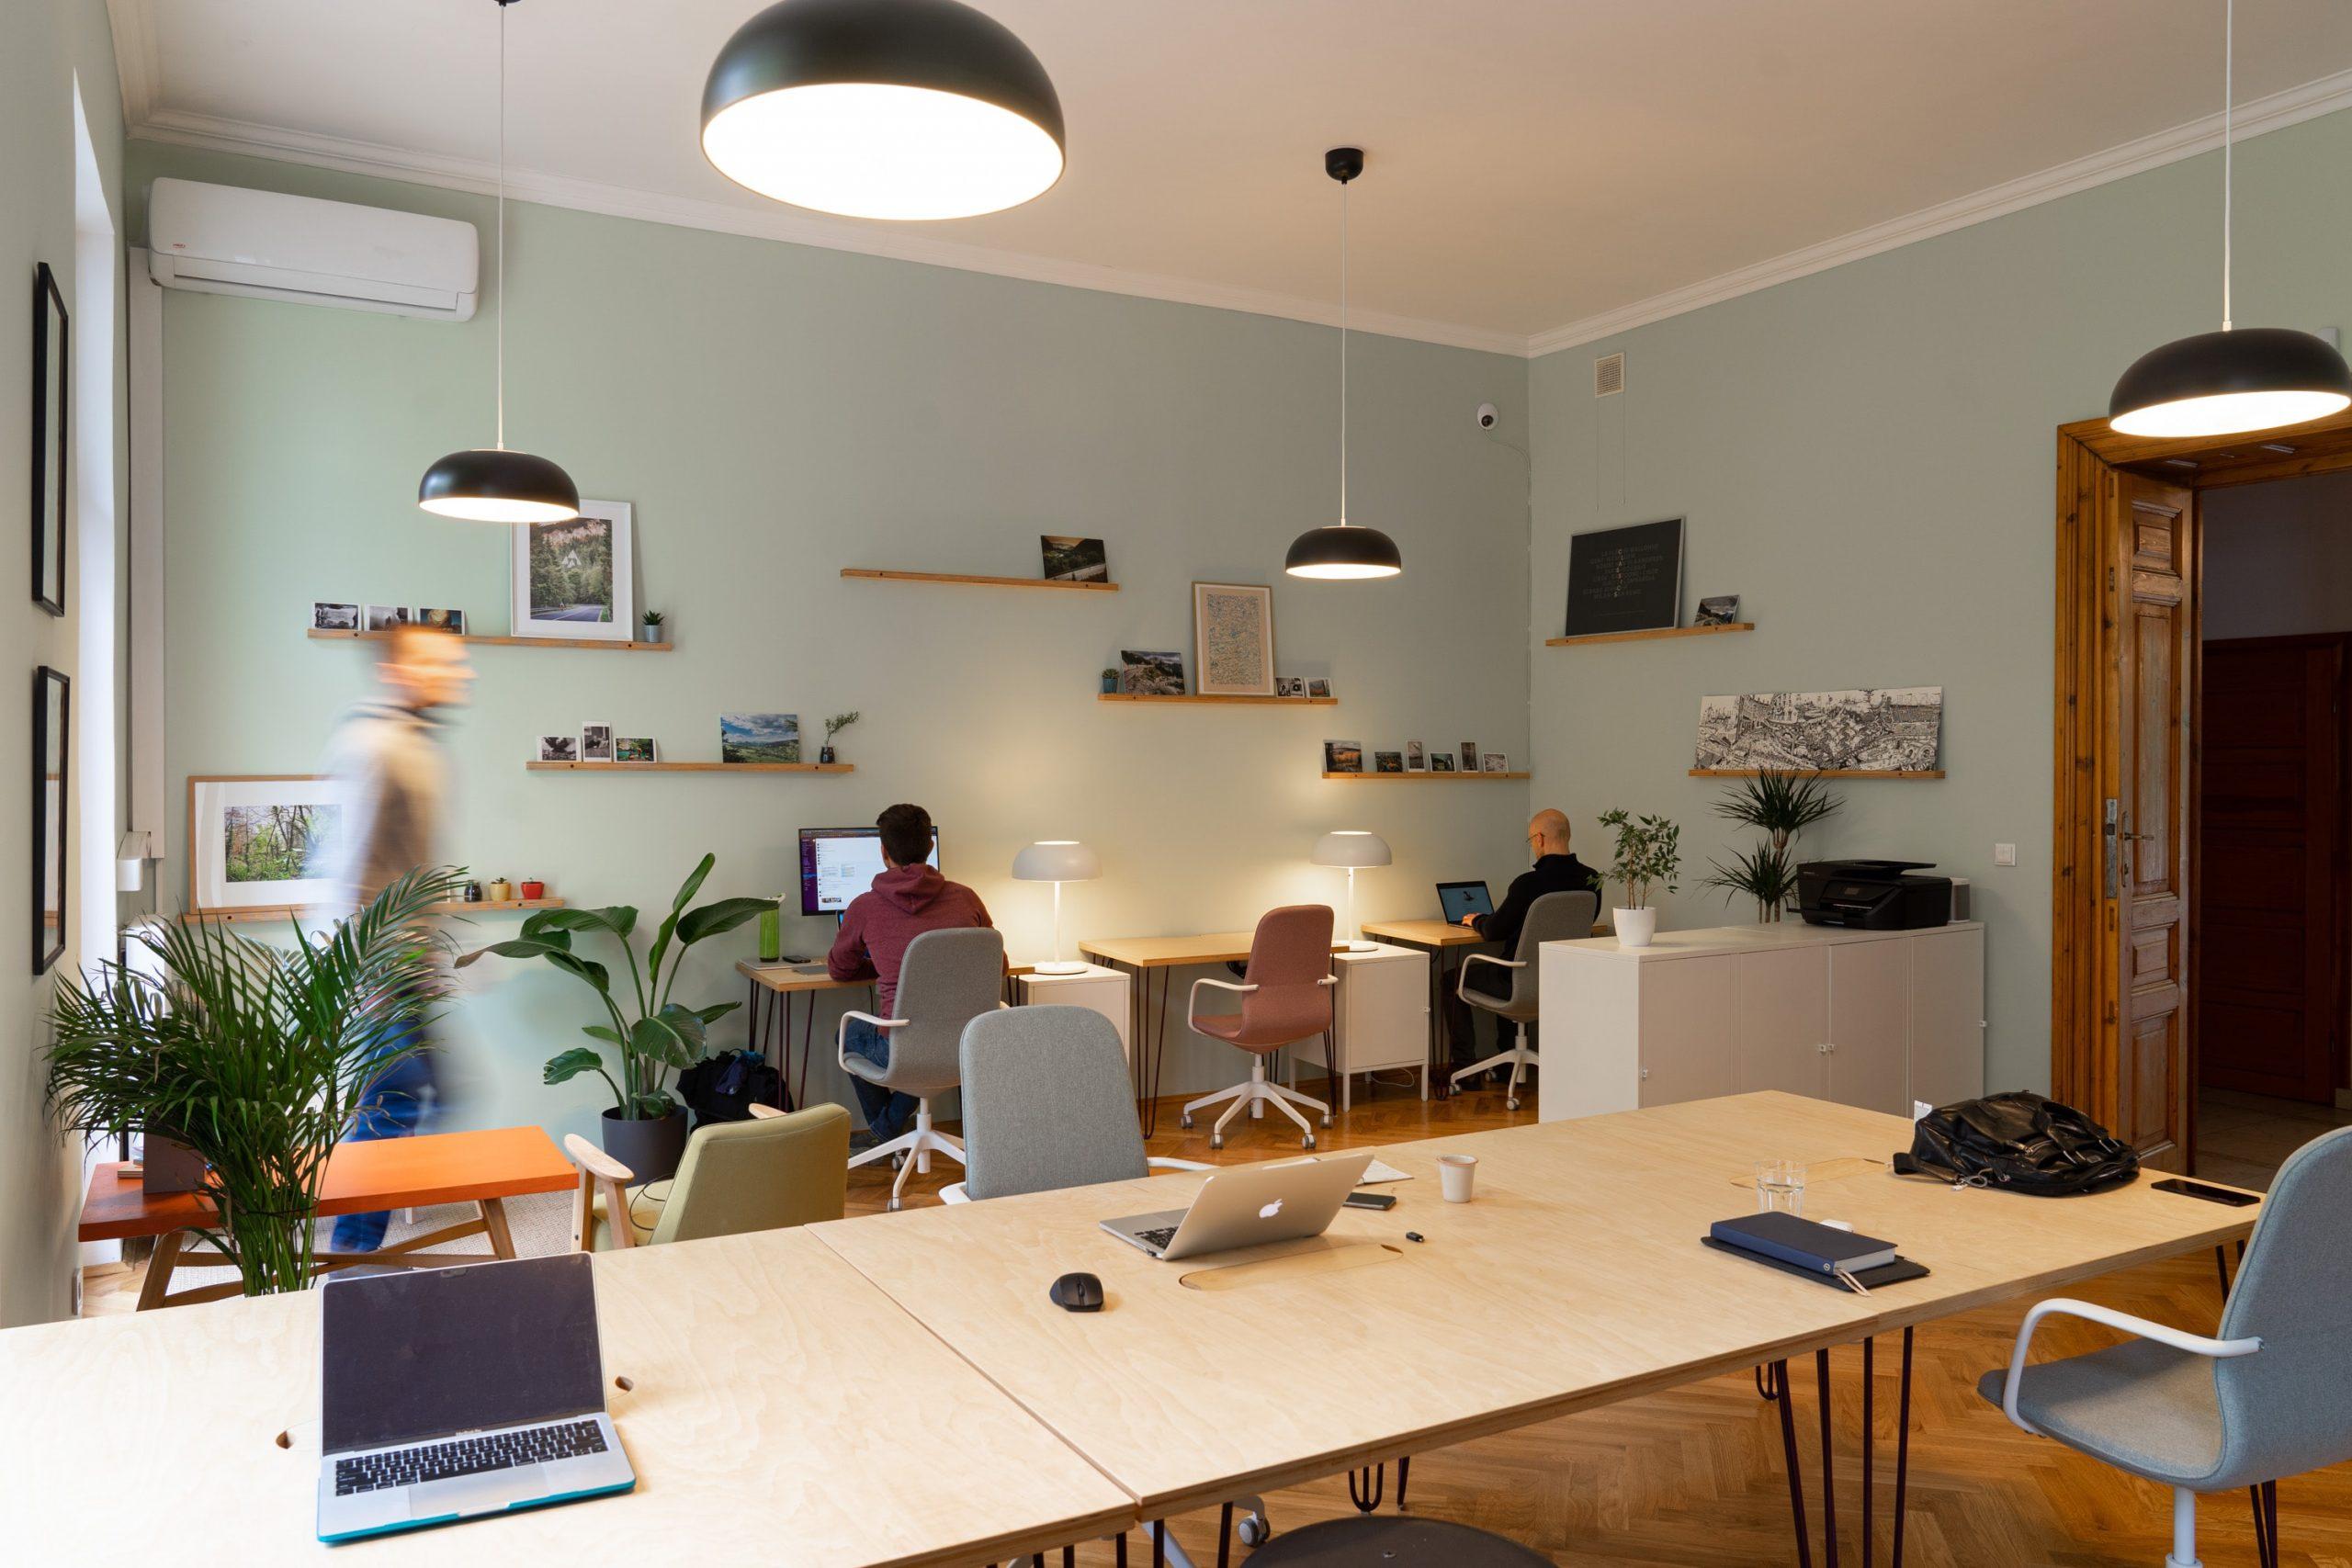 Първото взаимодействие на клиента в пространството на бизнеса